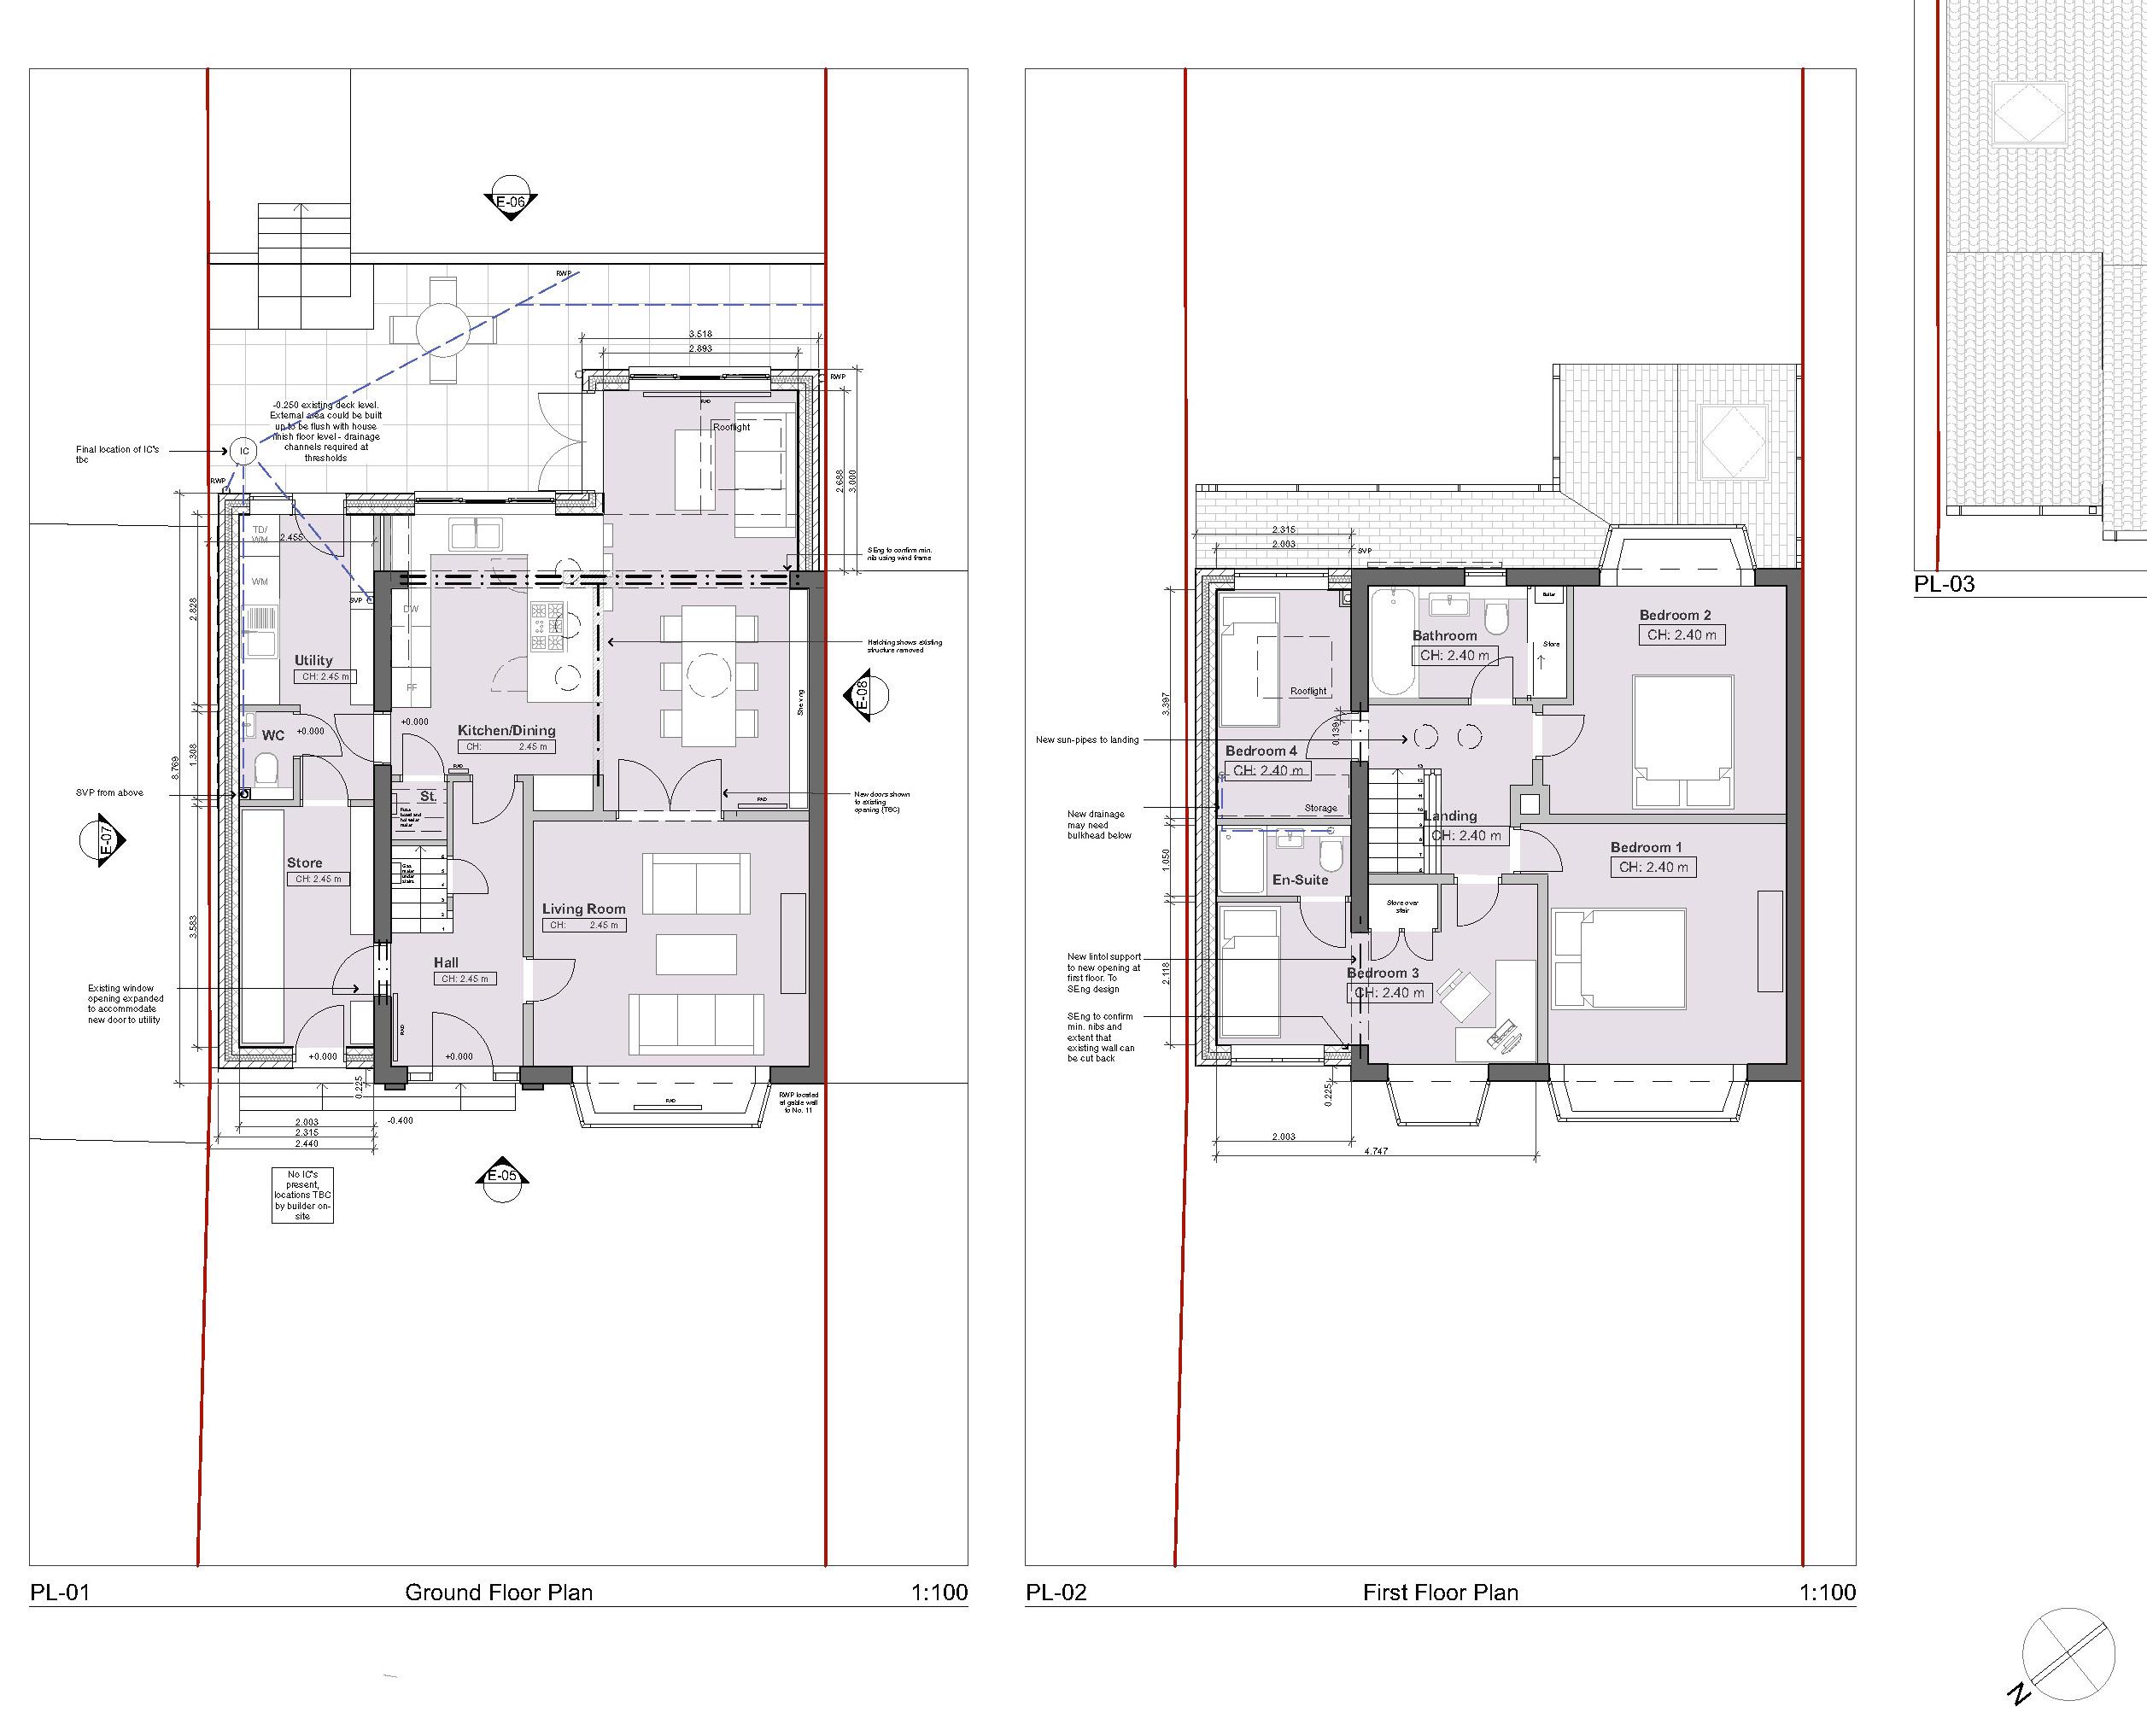 JCA-1110-012 Proposed Floor Plans_P02